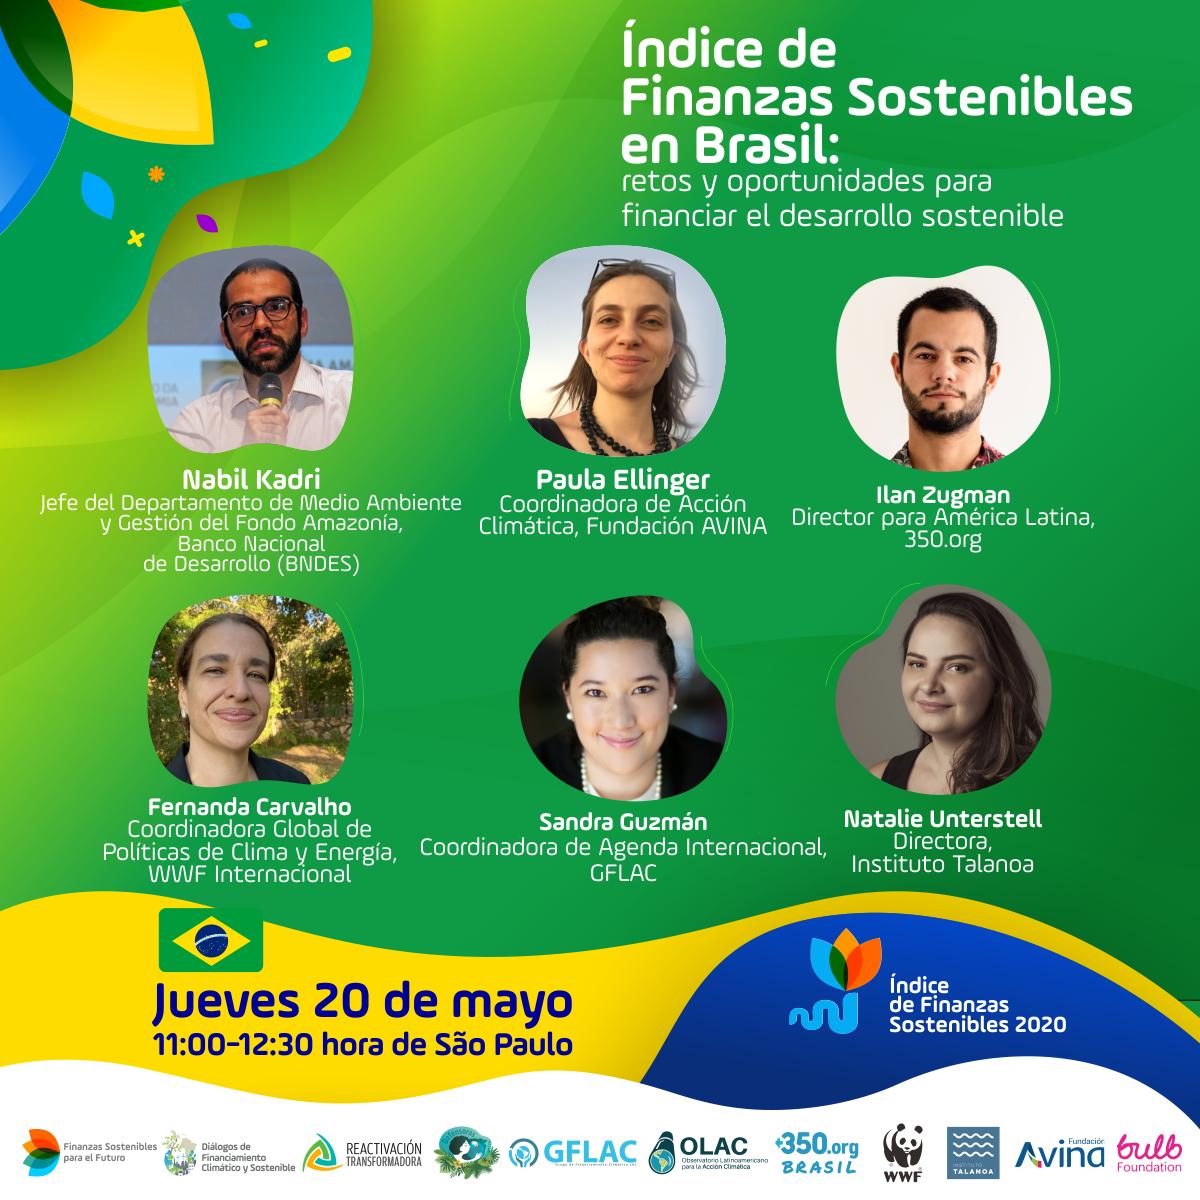 Webinar: Índice de Finanzas Sostenibles en Brasil, retos y oportunidades para financiar el desarrollo sostenible